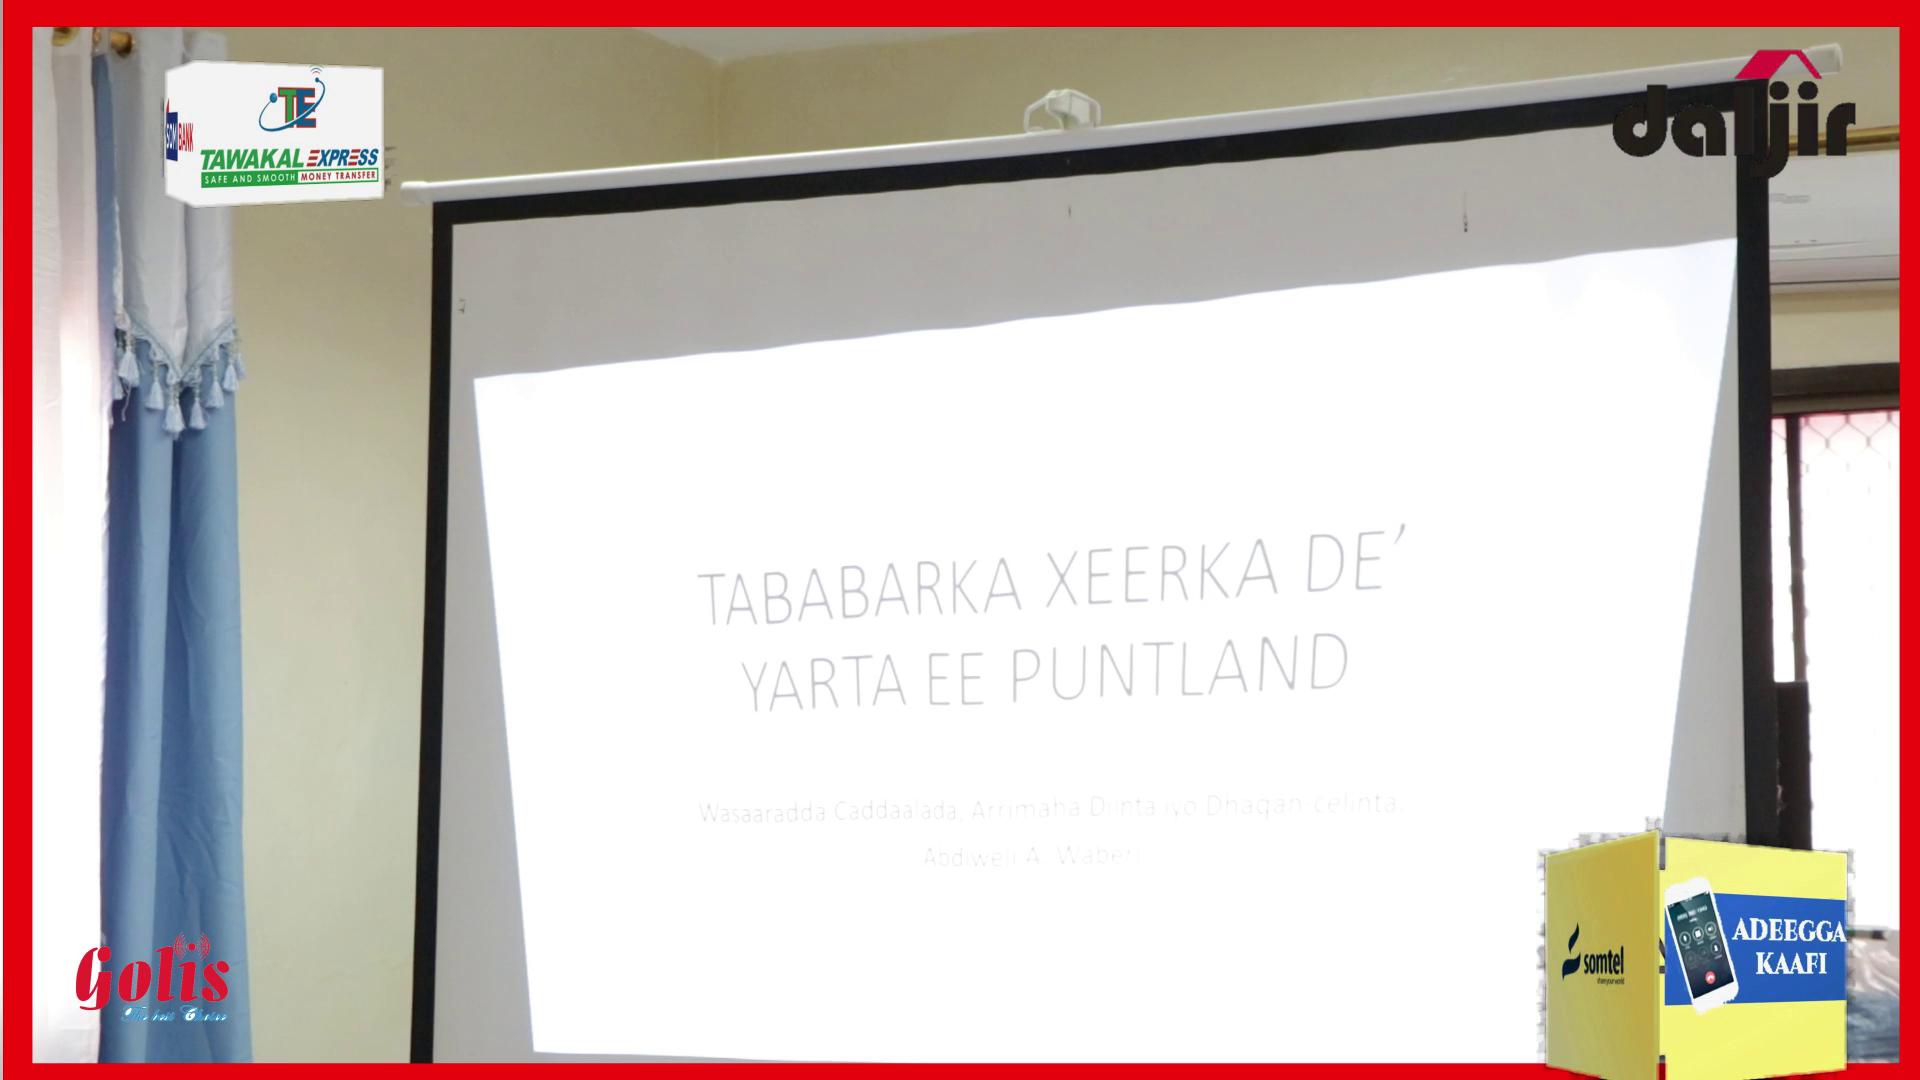 XEERKA DA'YARTA PUNTLAND OO LAGU TABABARAYO MAXKAMADAHA PUNTLAND (daawo)